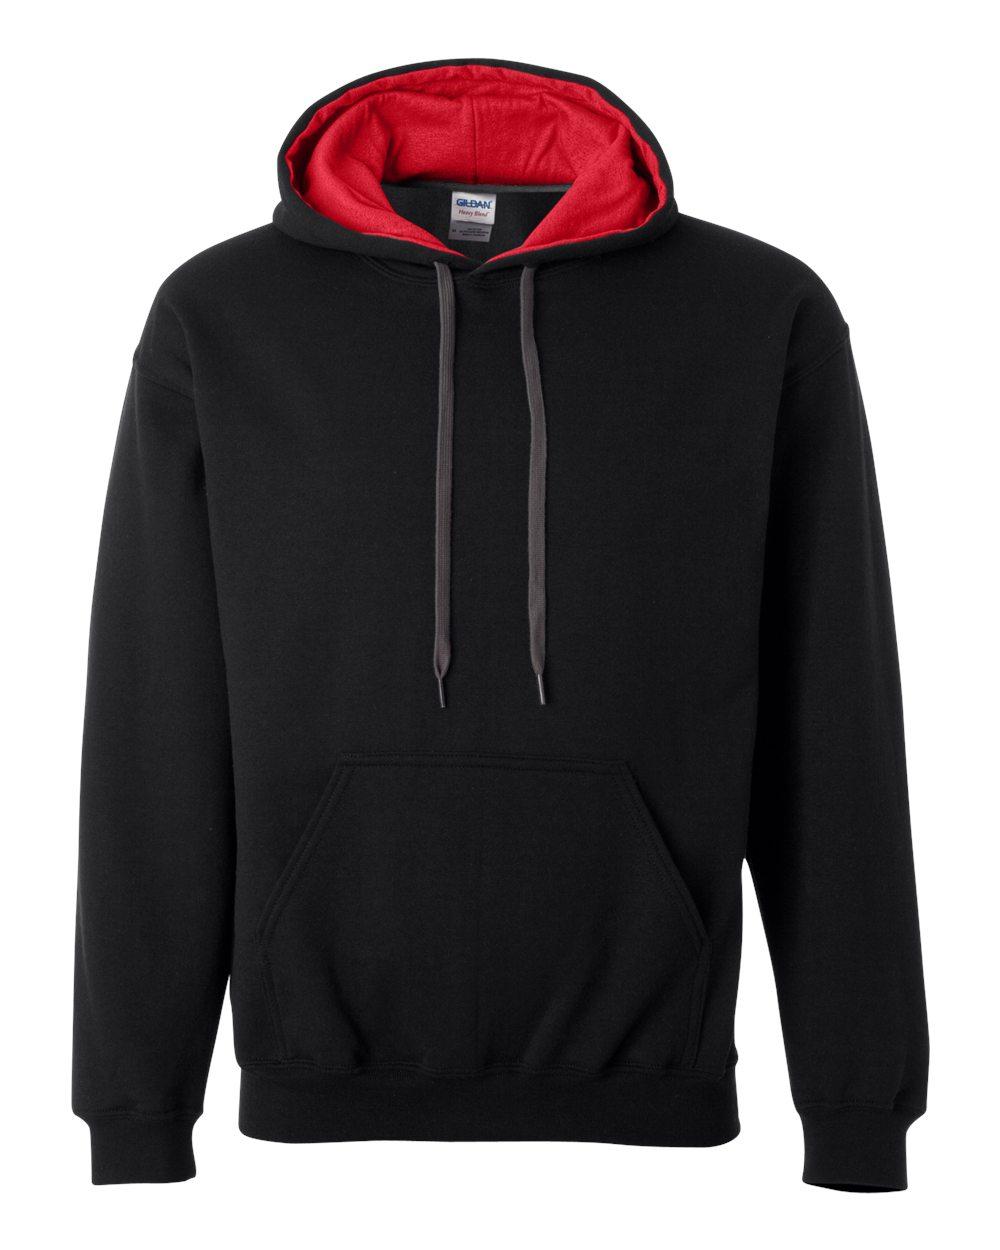 Picture of Gildan Contrast Hooded Sweatshirt